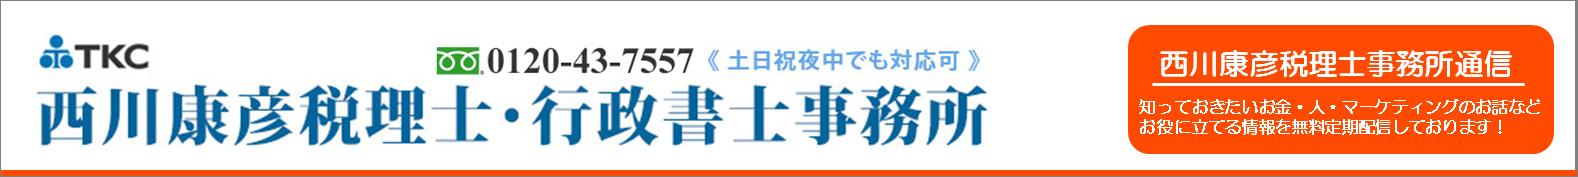 西川康彦税理士事務所